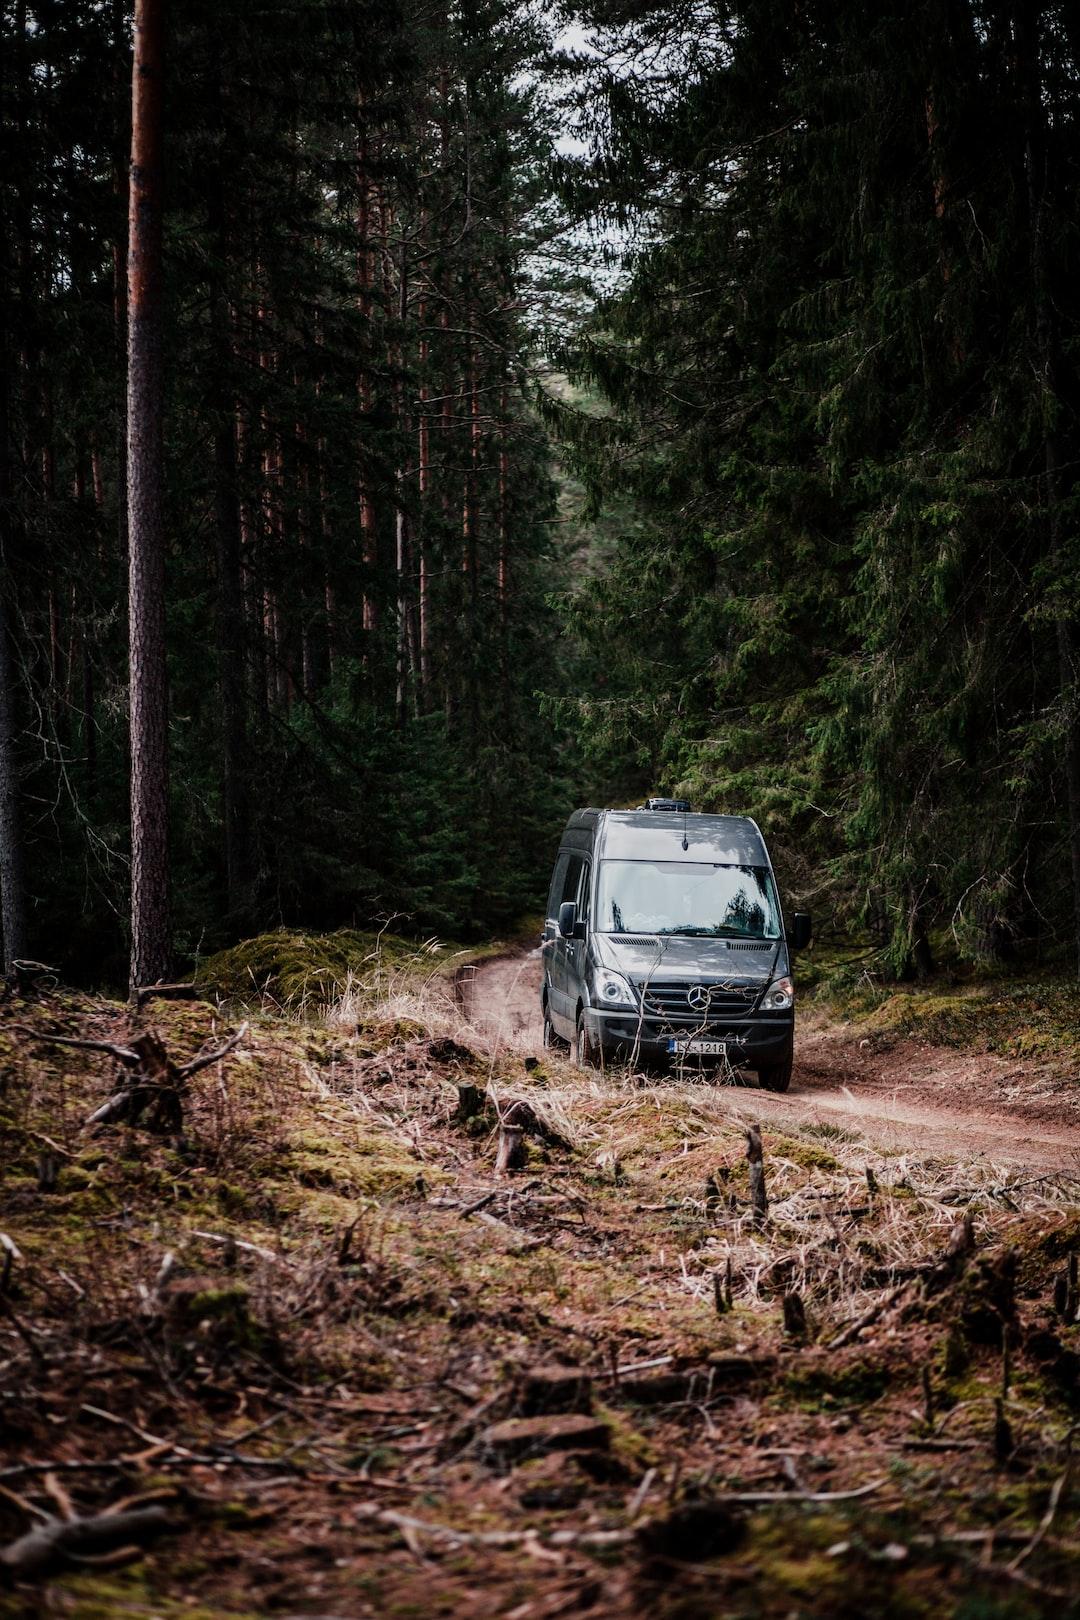 Sprinter van in to the woods